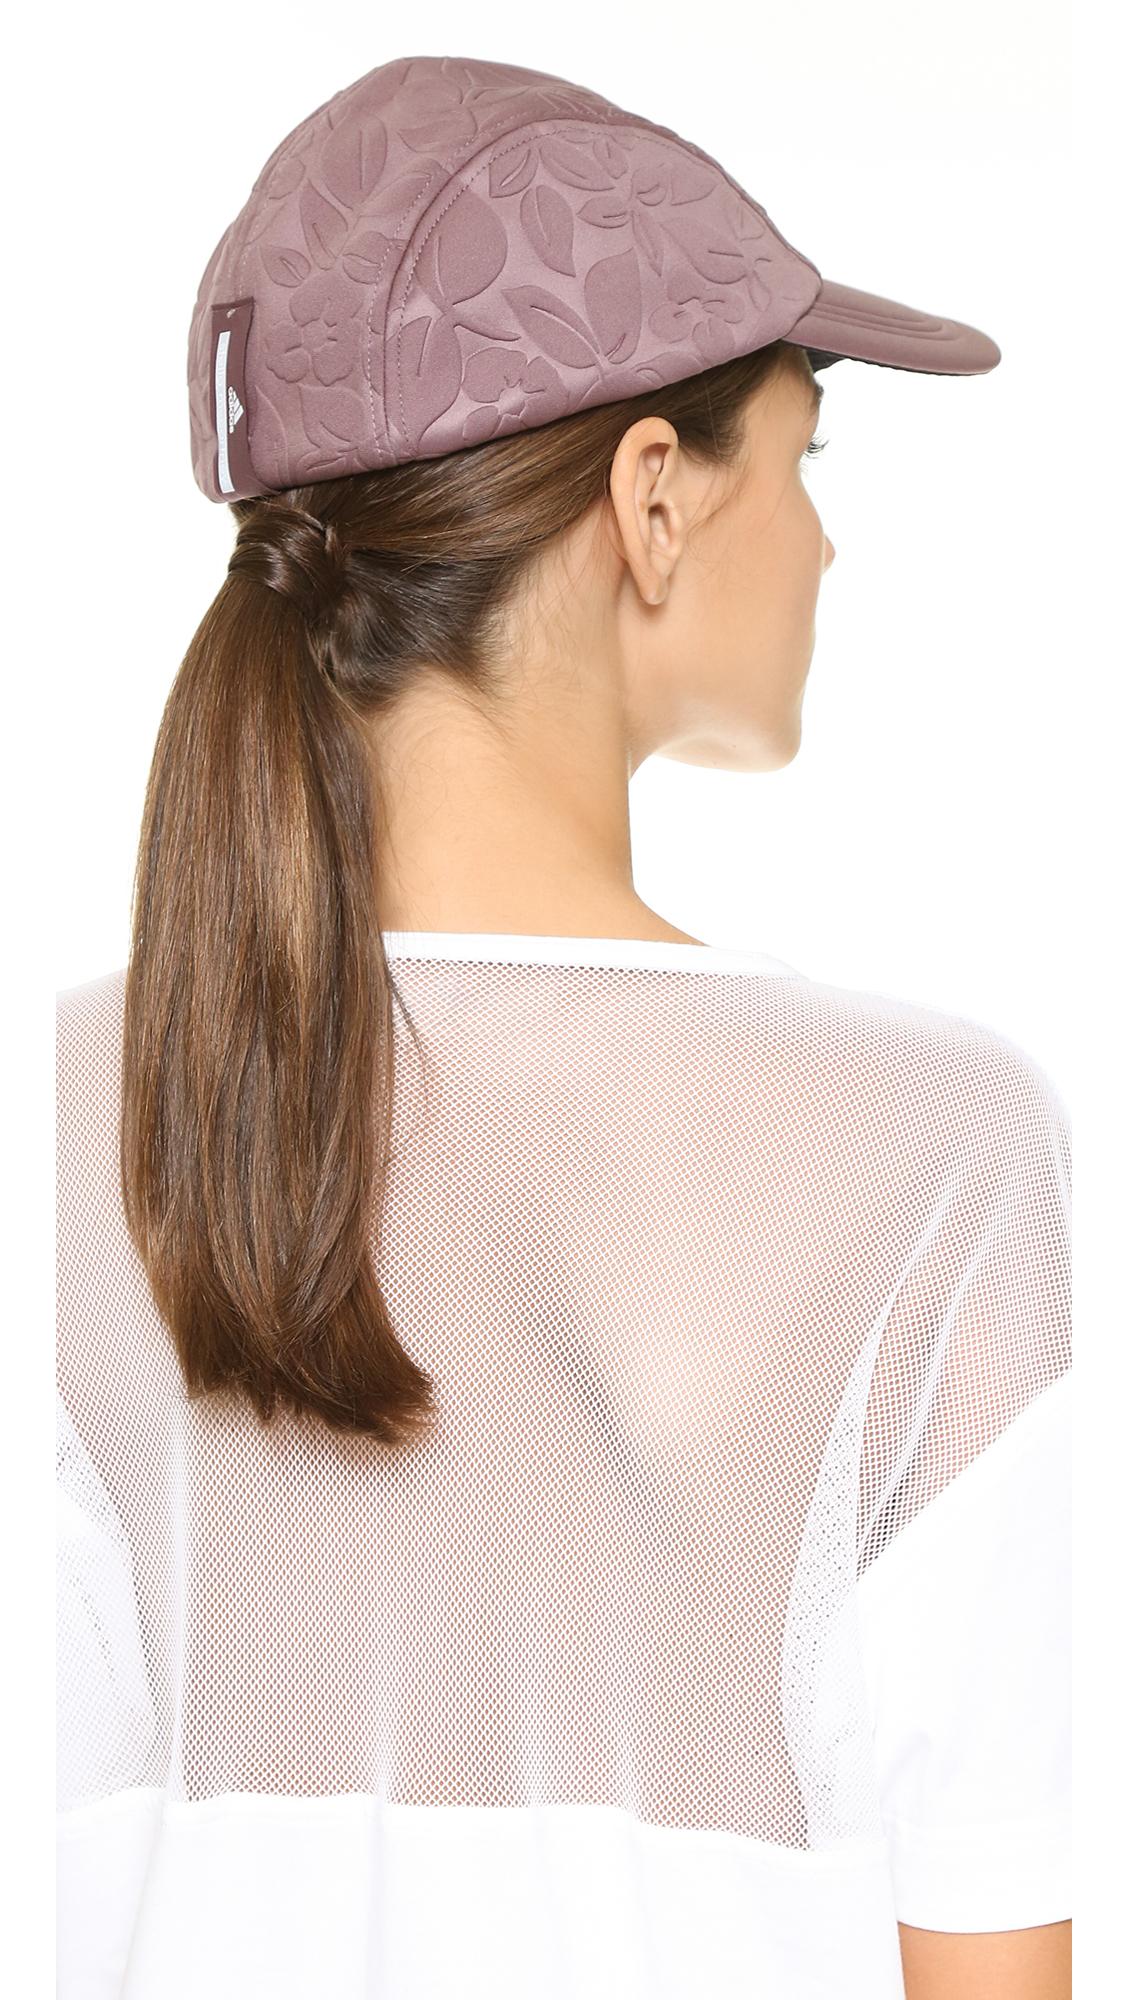 e276f0f7c585a adidas By Stella McCartney Running Cap in Purple - Lyst